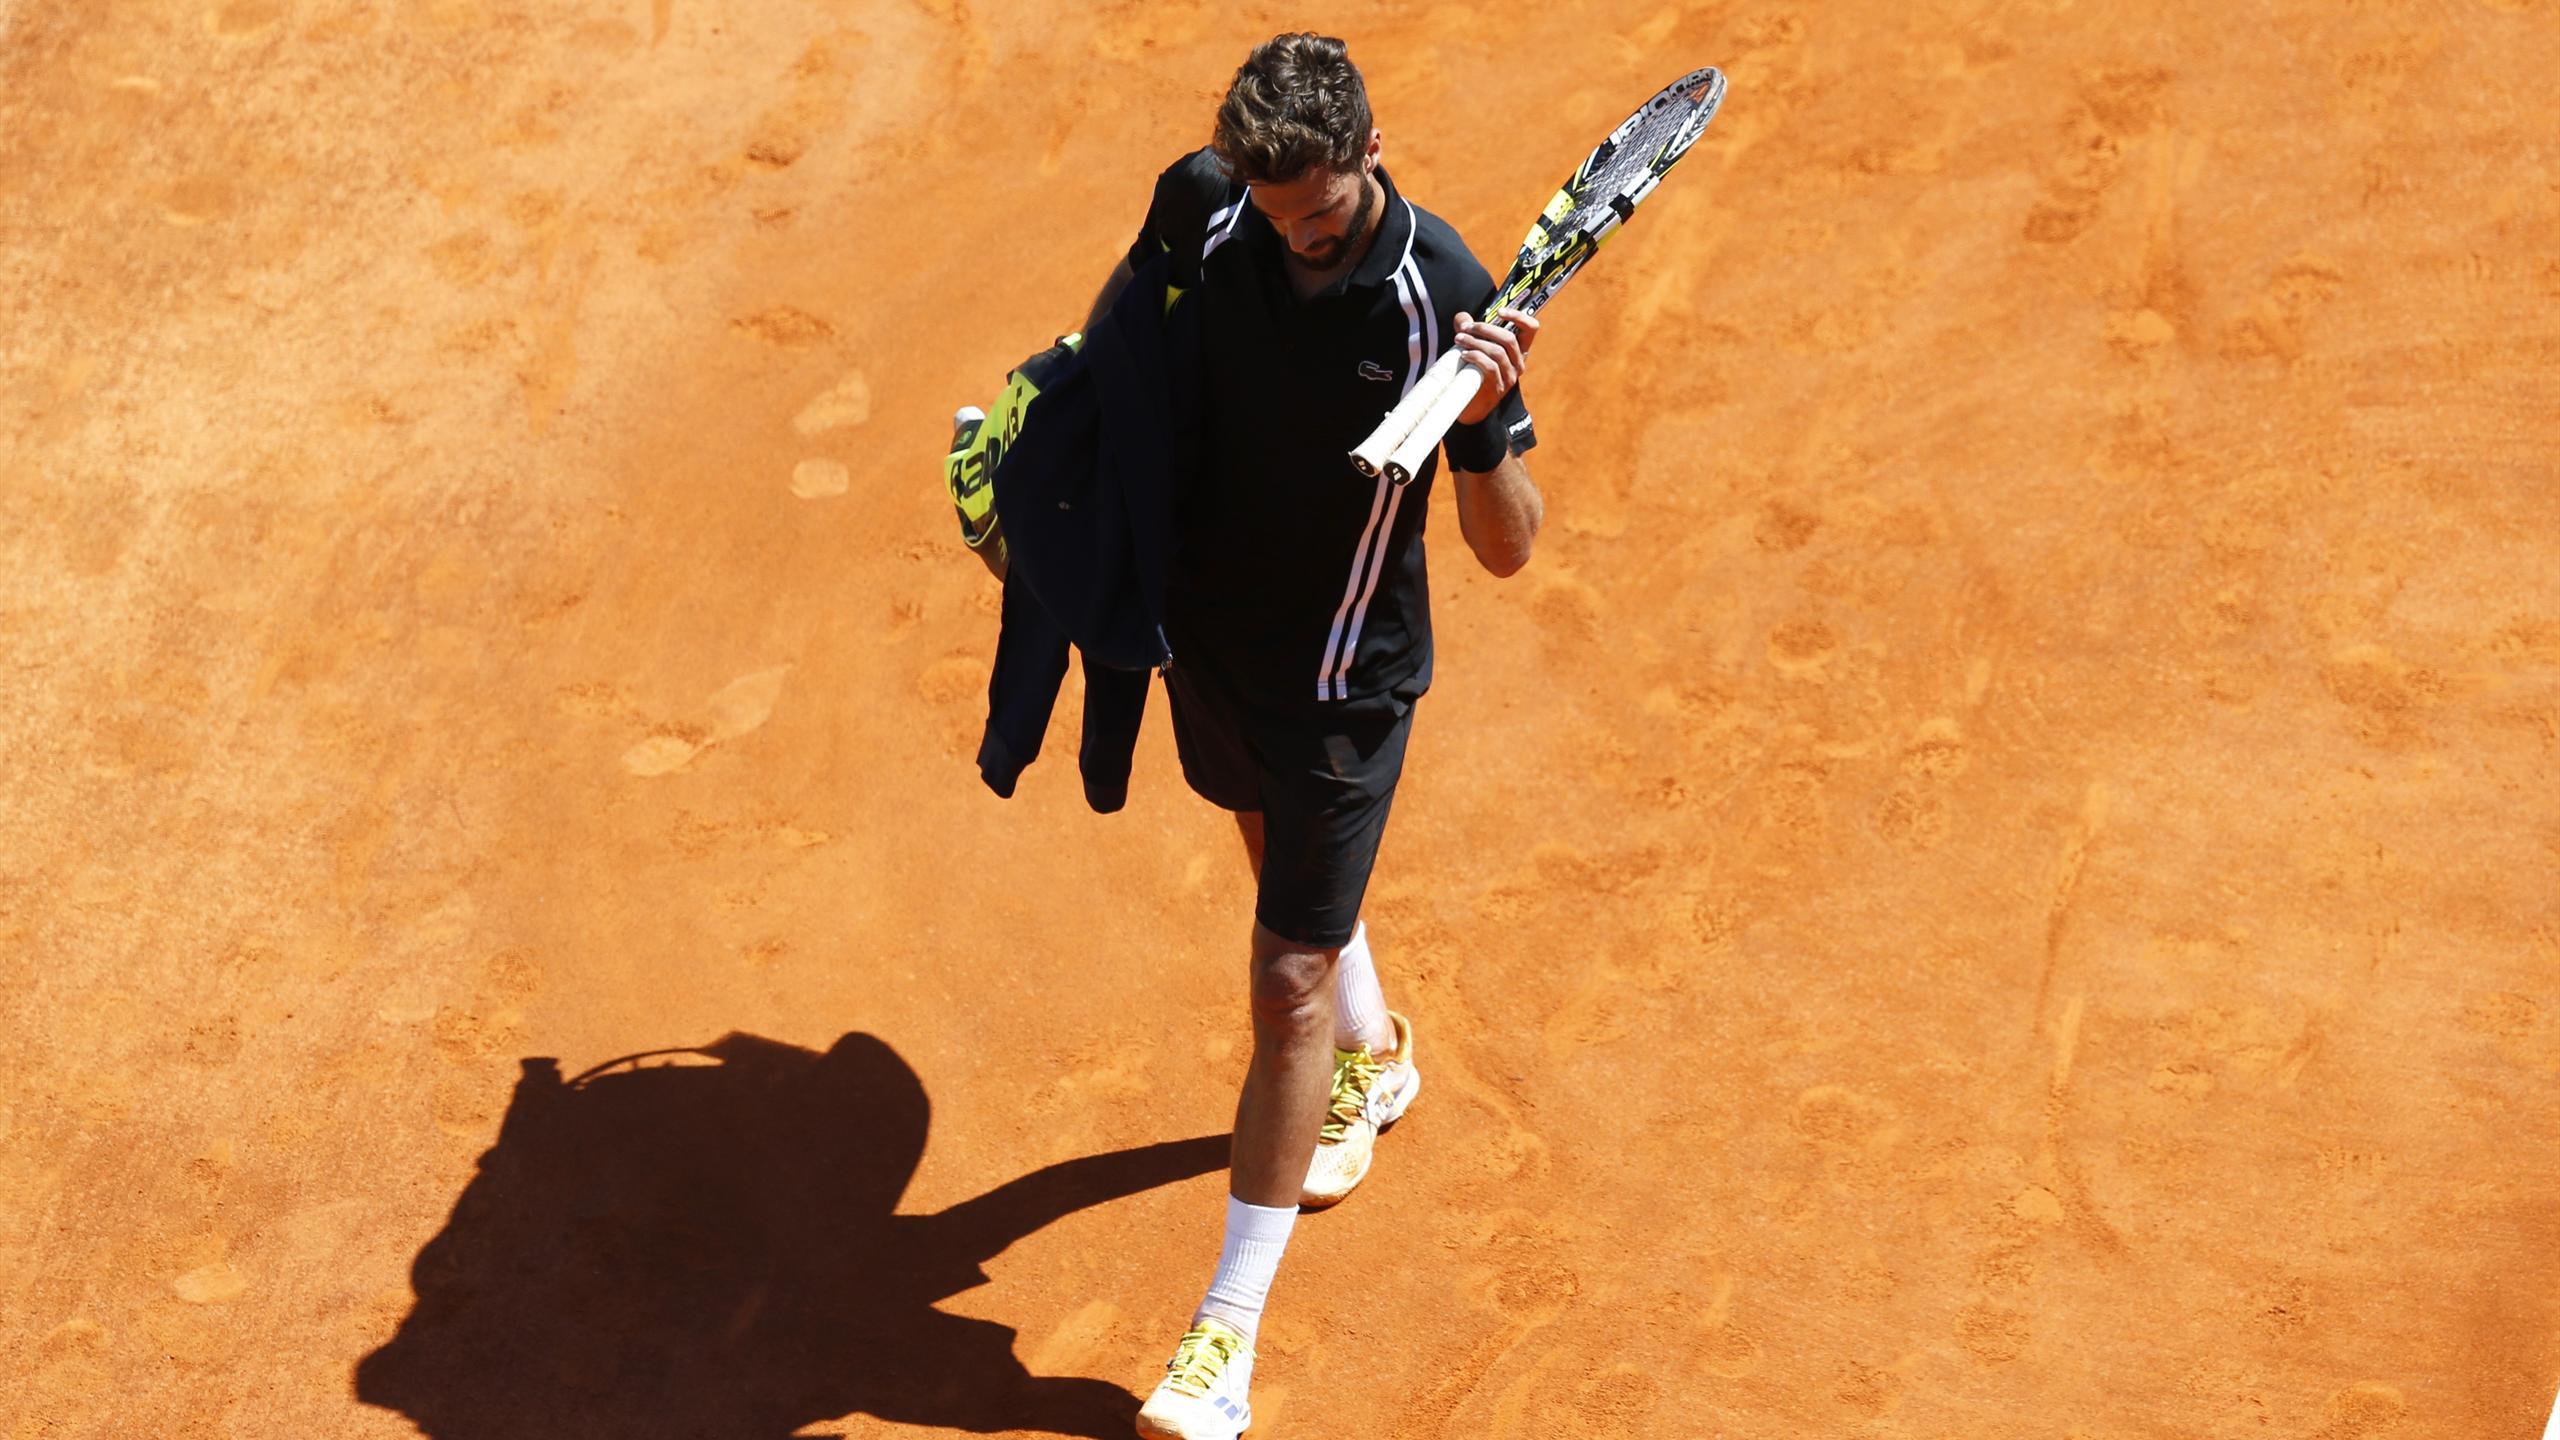 La déception de Benoît Paire, battu par Andy Murray à Monte-Carlo